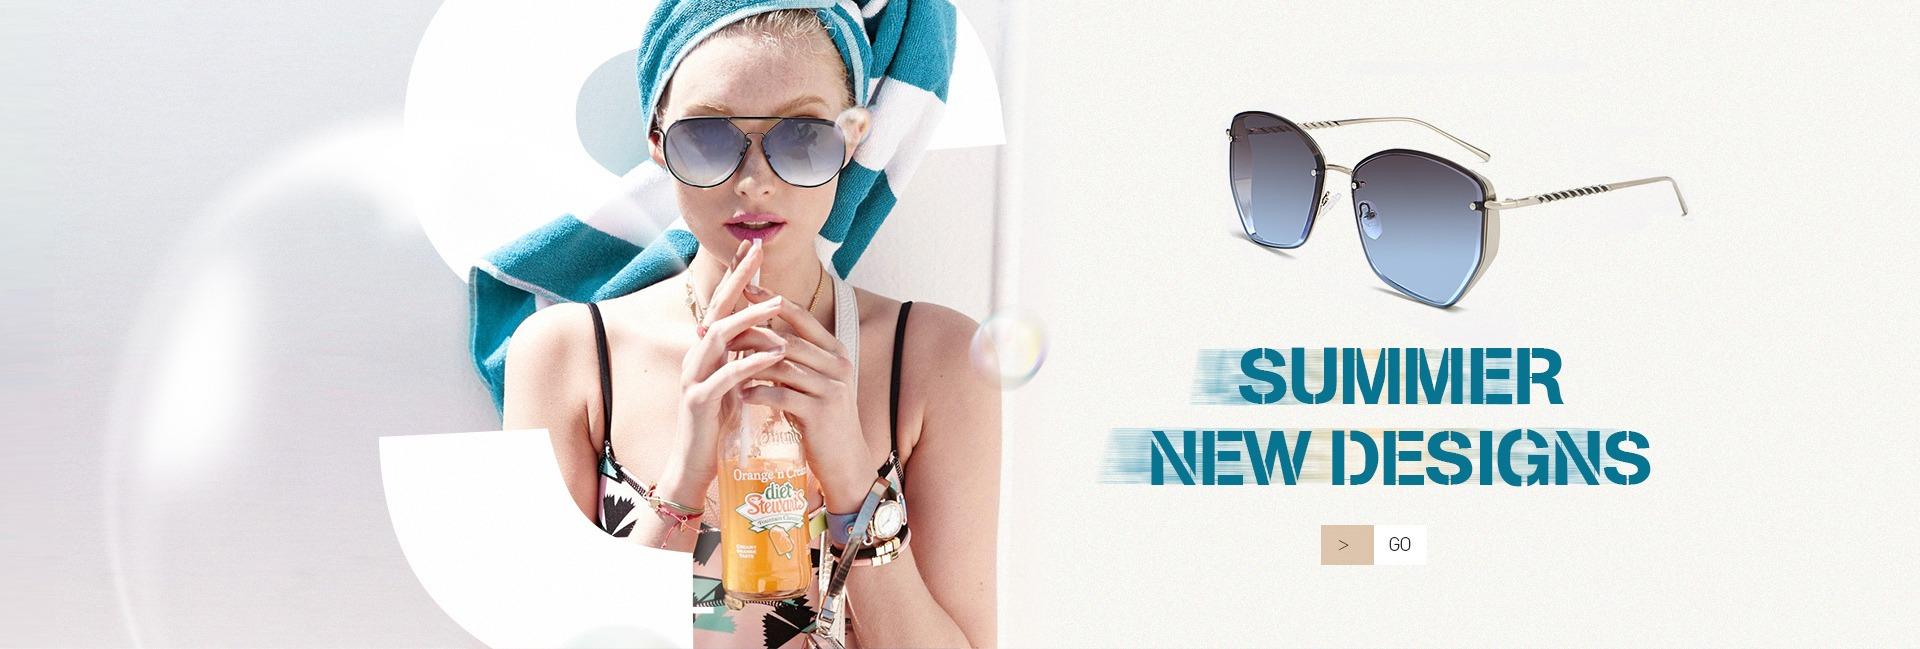 Wsunglass New metal color film sunglasses trend mens and womens same sunglasses frameless sunglasses/_2